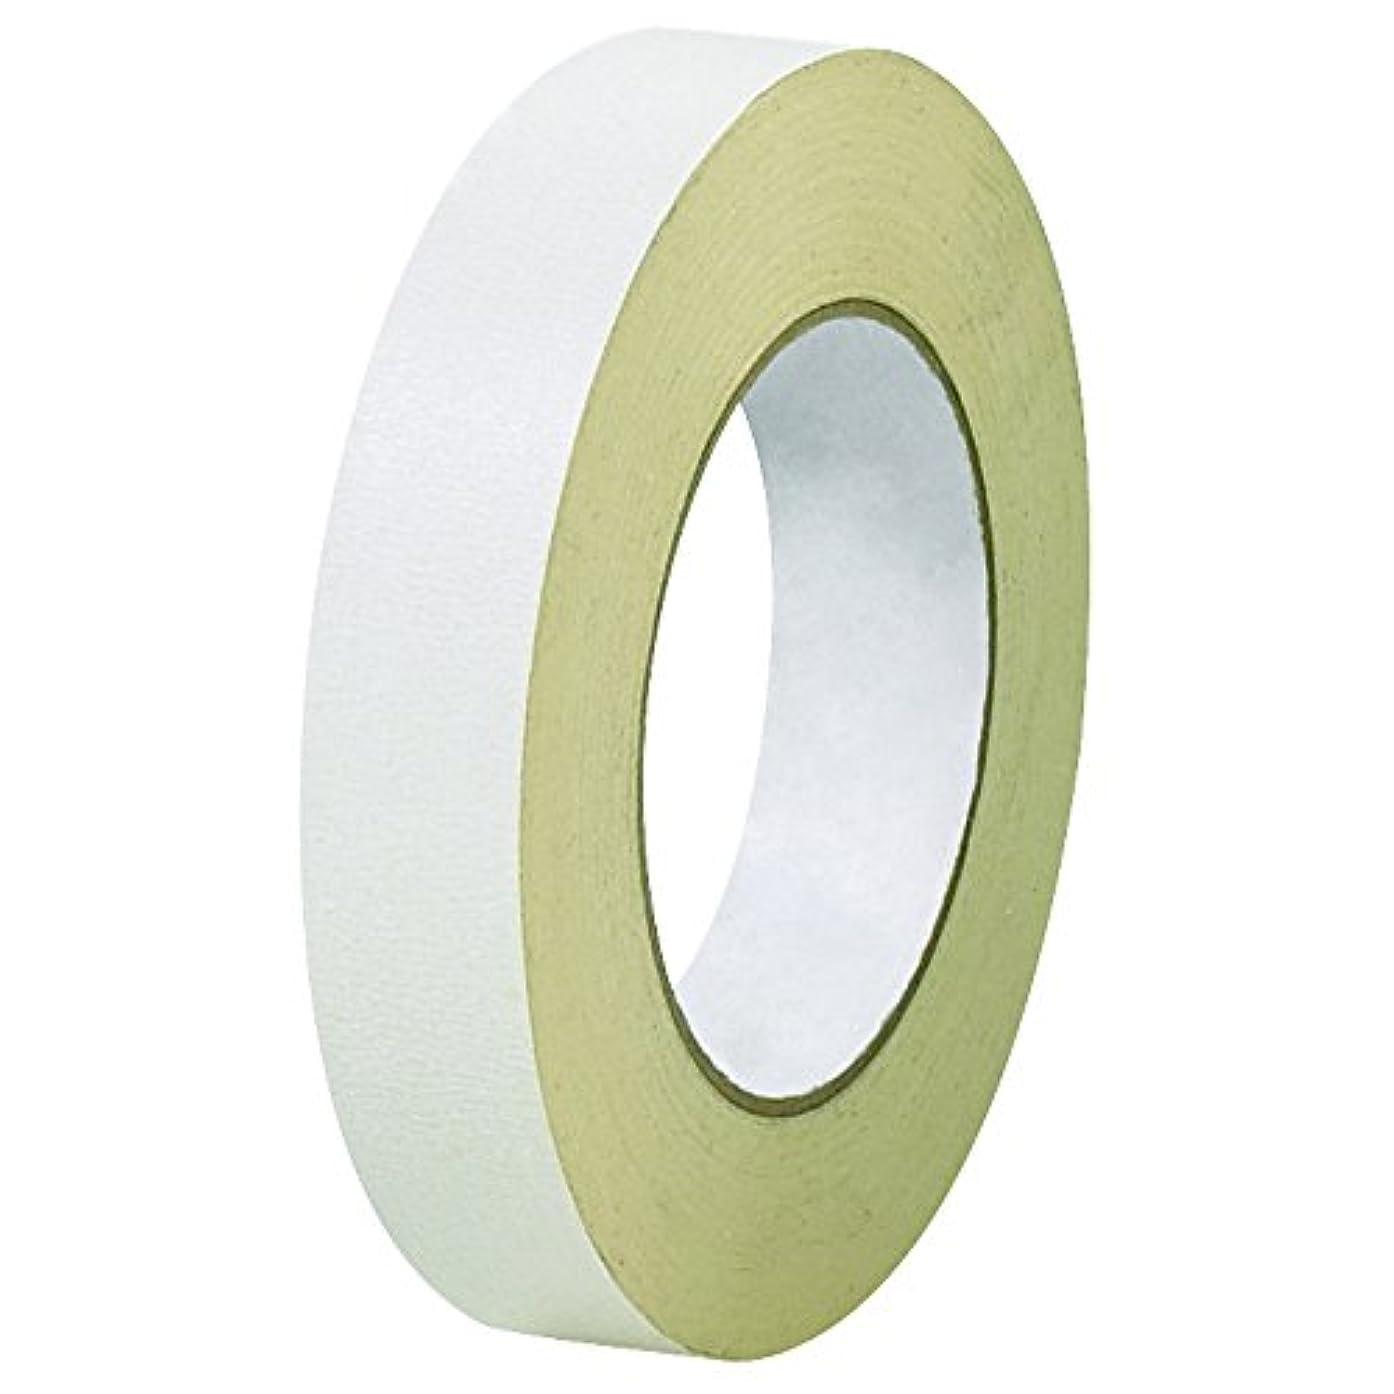 Partners Brand PT9531003PK Tan Tape Logic Double Sided Masking Tape, 7 mil, 1/2